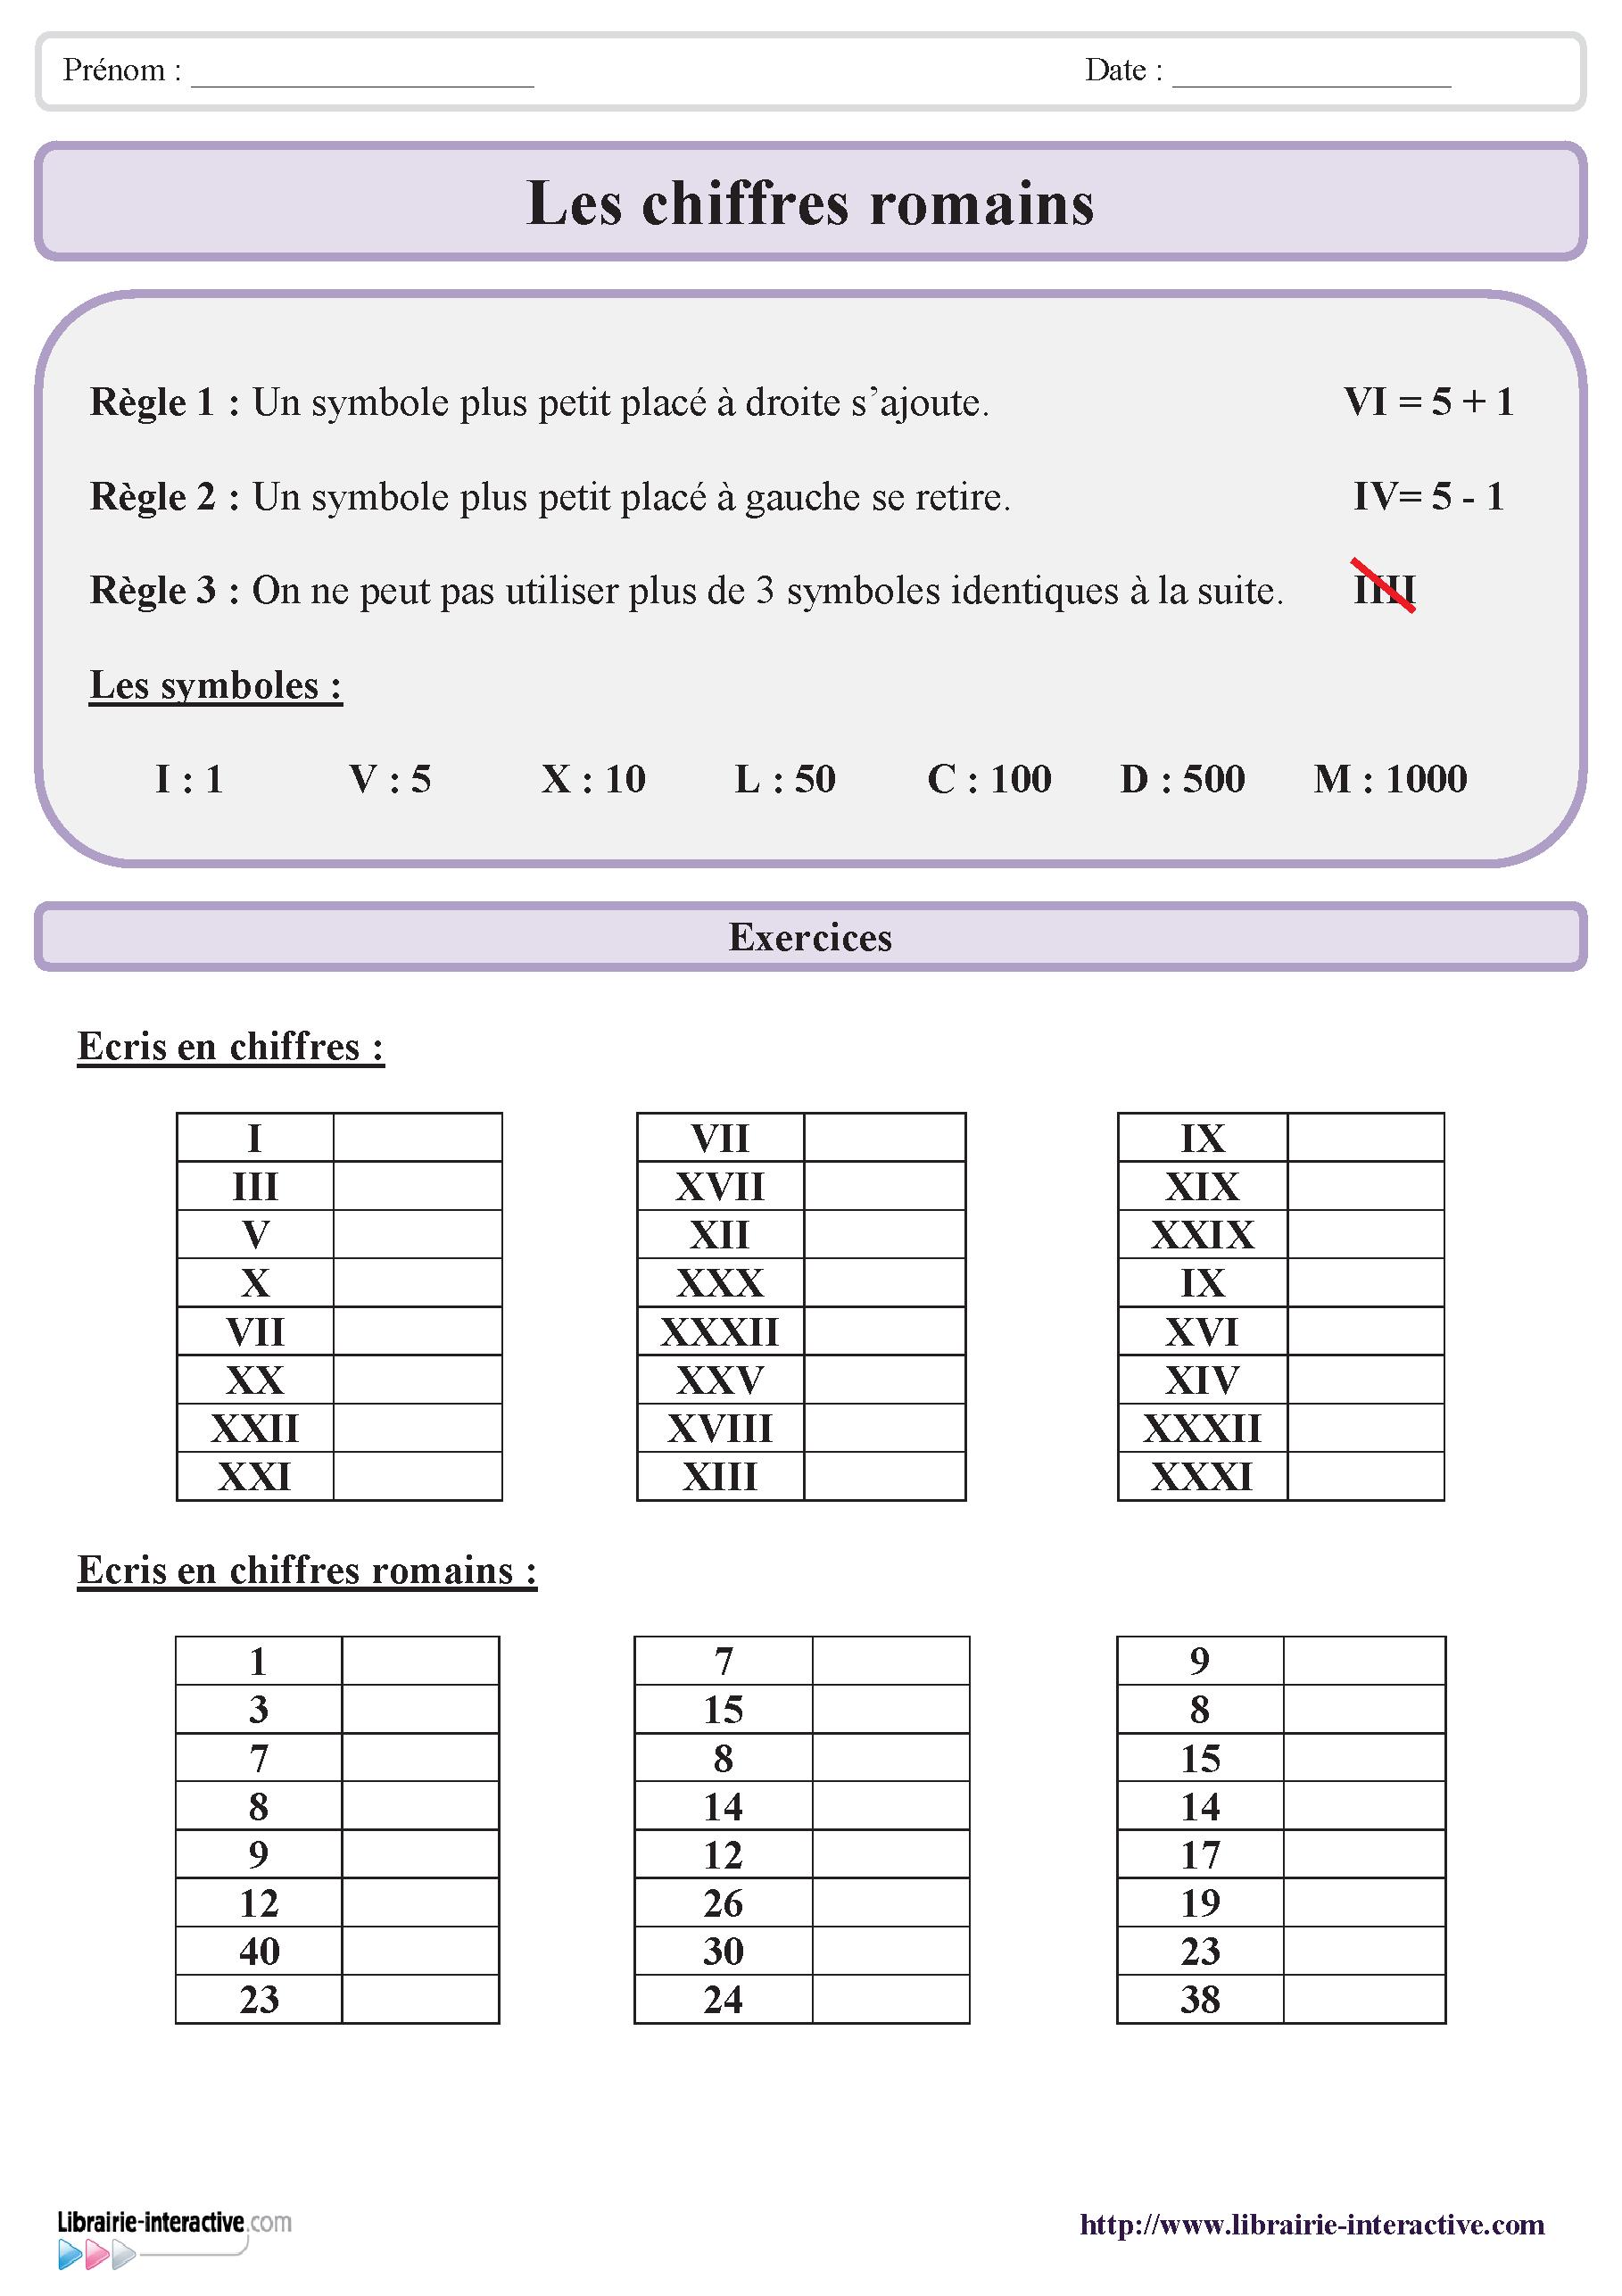 deux exercices sur les si u00e8cles et les chiffres romains avec un petit rappel des r u00e8gles  u00e0